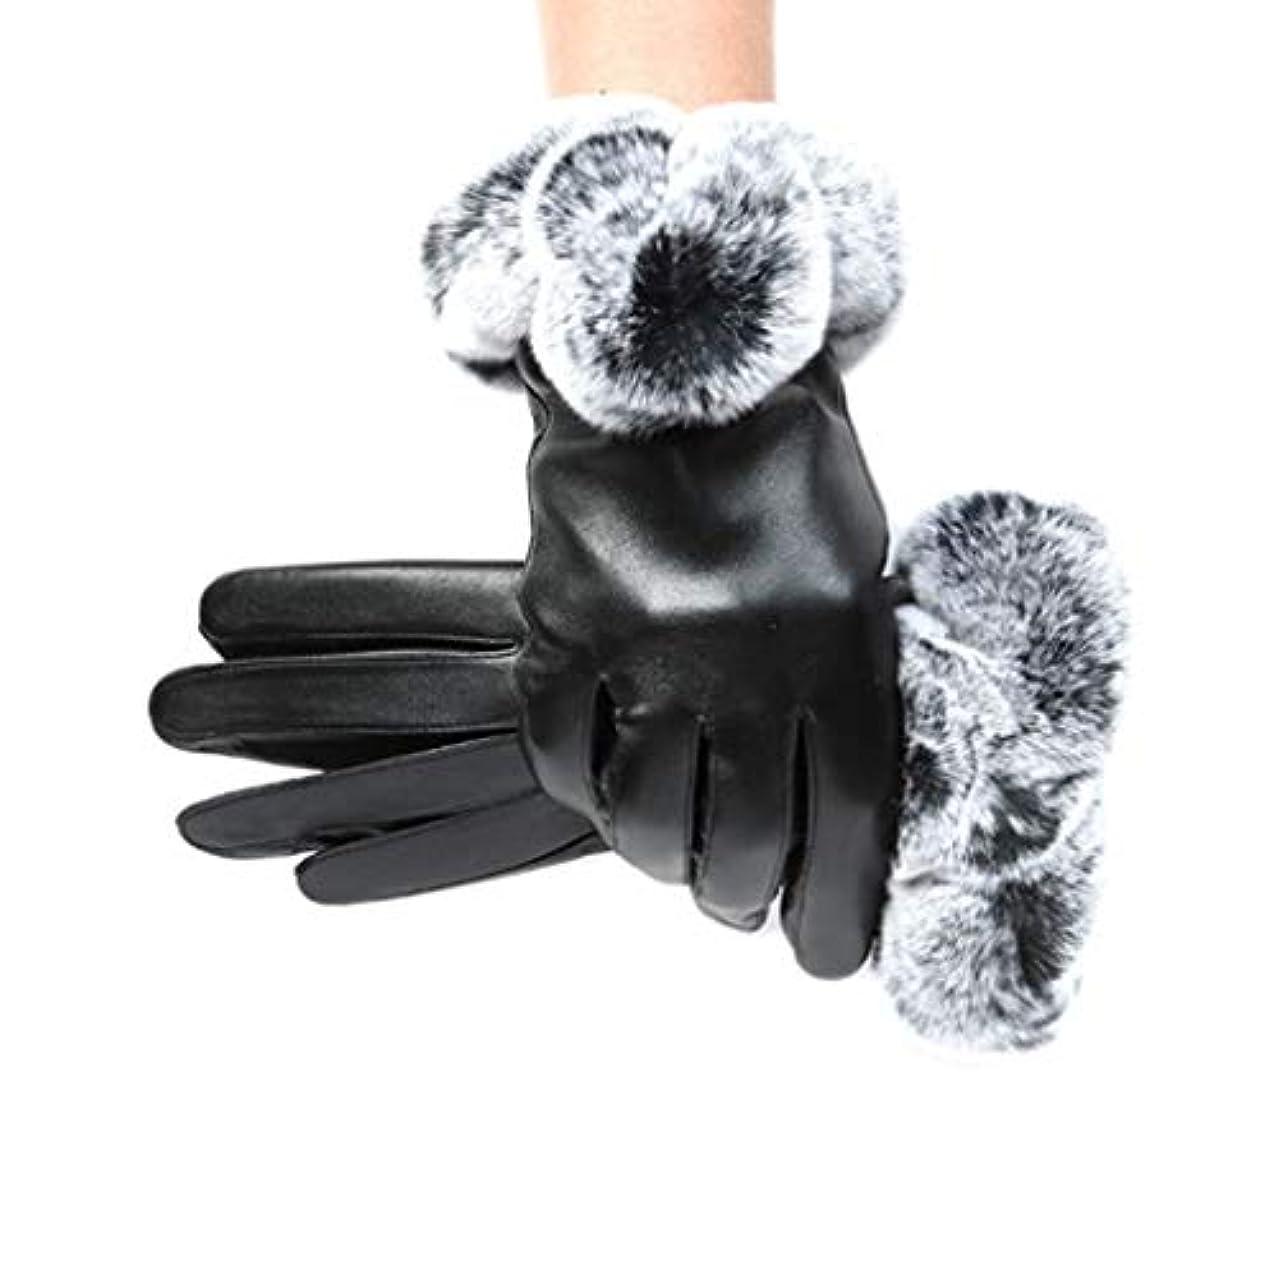 マウスピース生まれ再生レザーグローブ冬の暖かい手袋レディースアウトドアライディンググローブ防風コールドプラスベルベットのタッチスクリーングローブ女性モデル